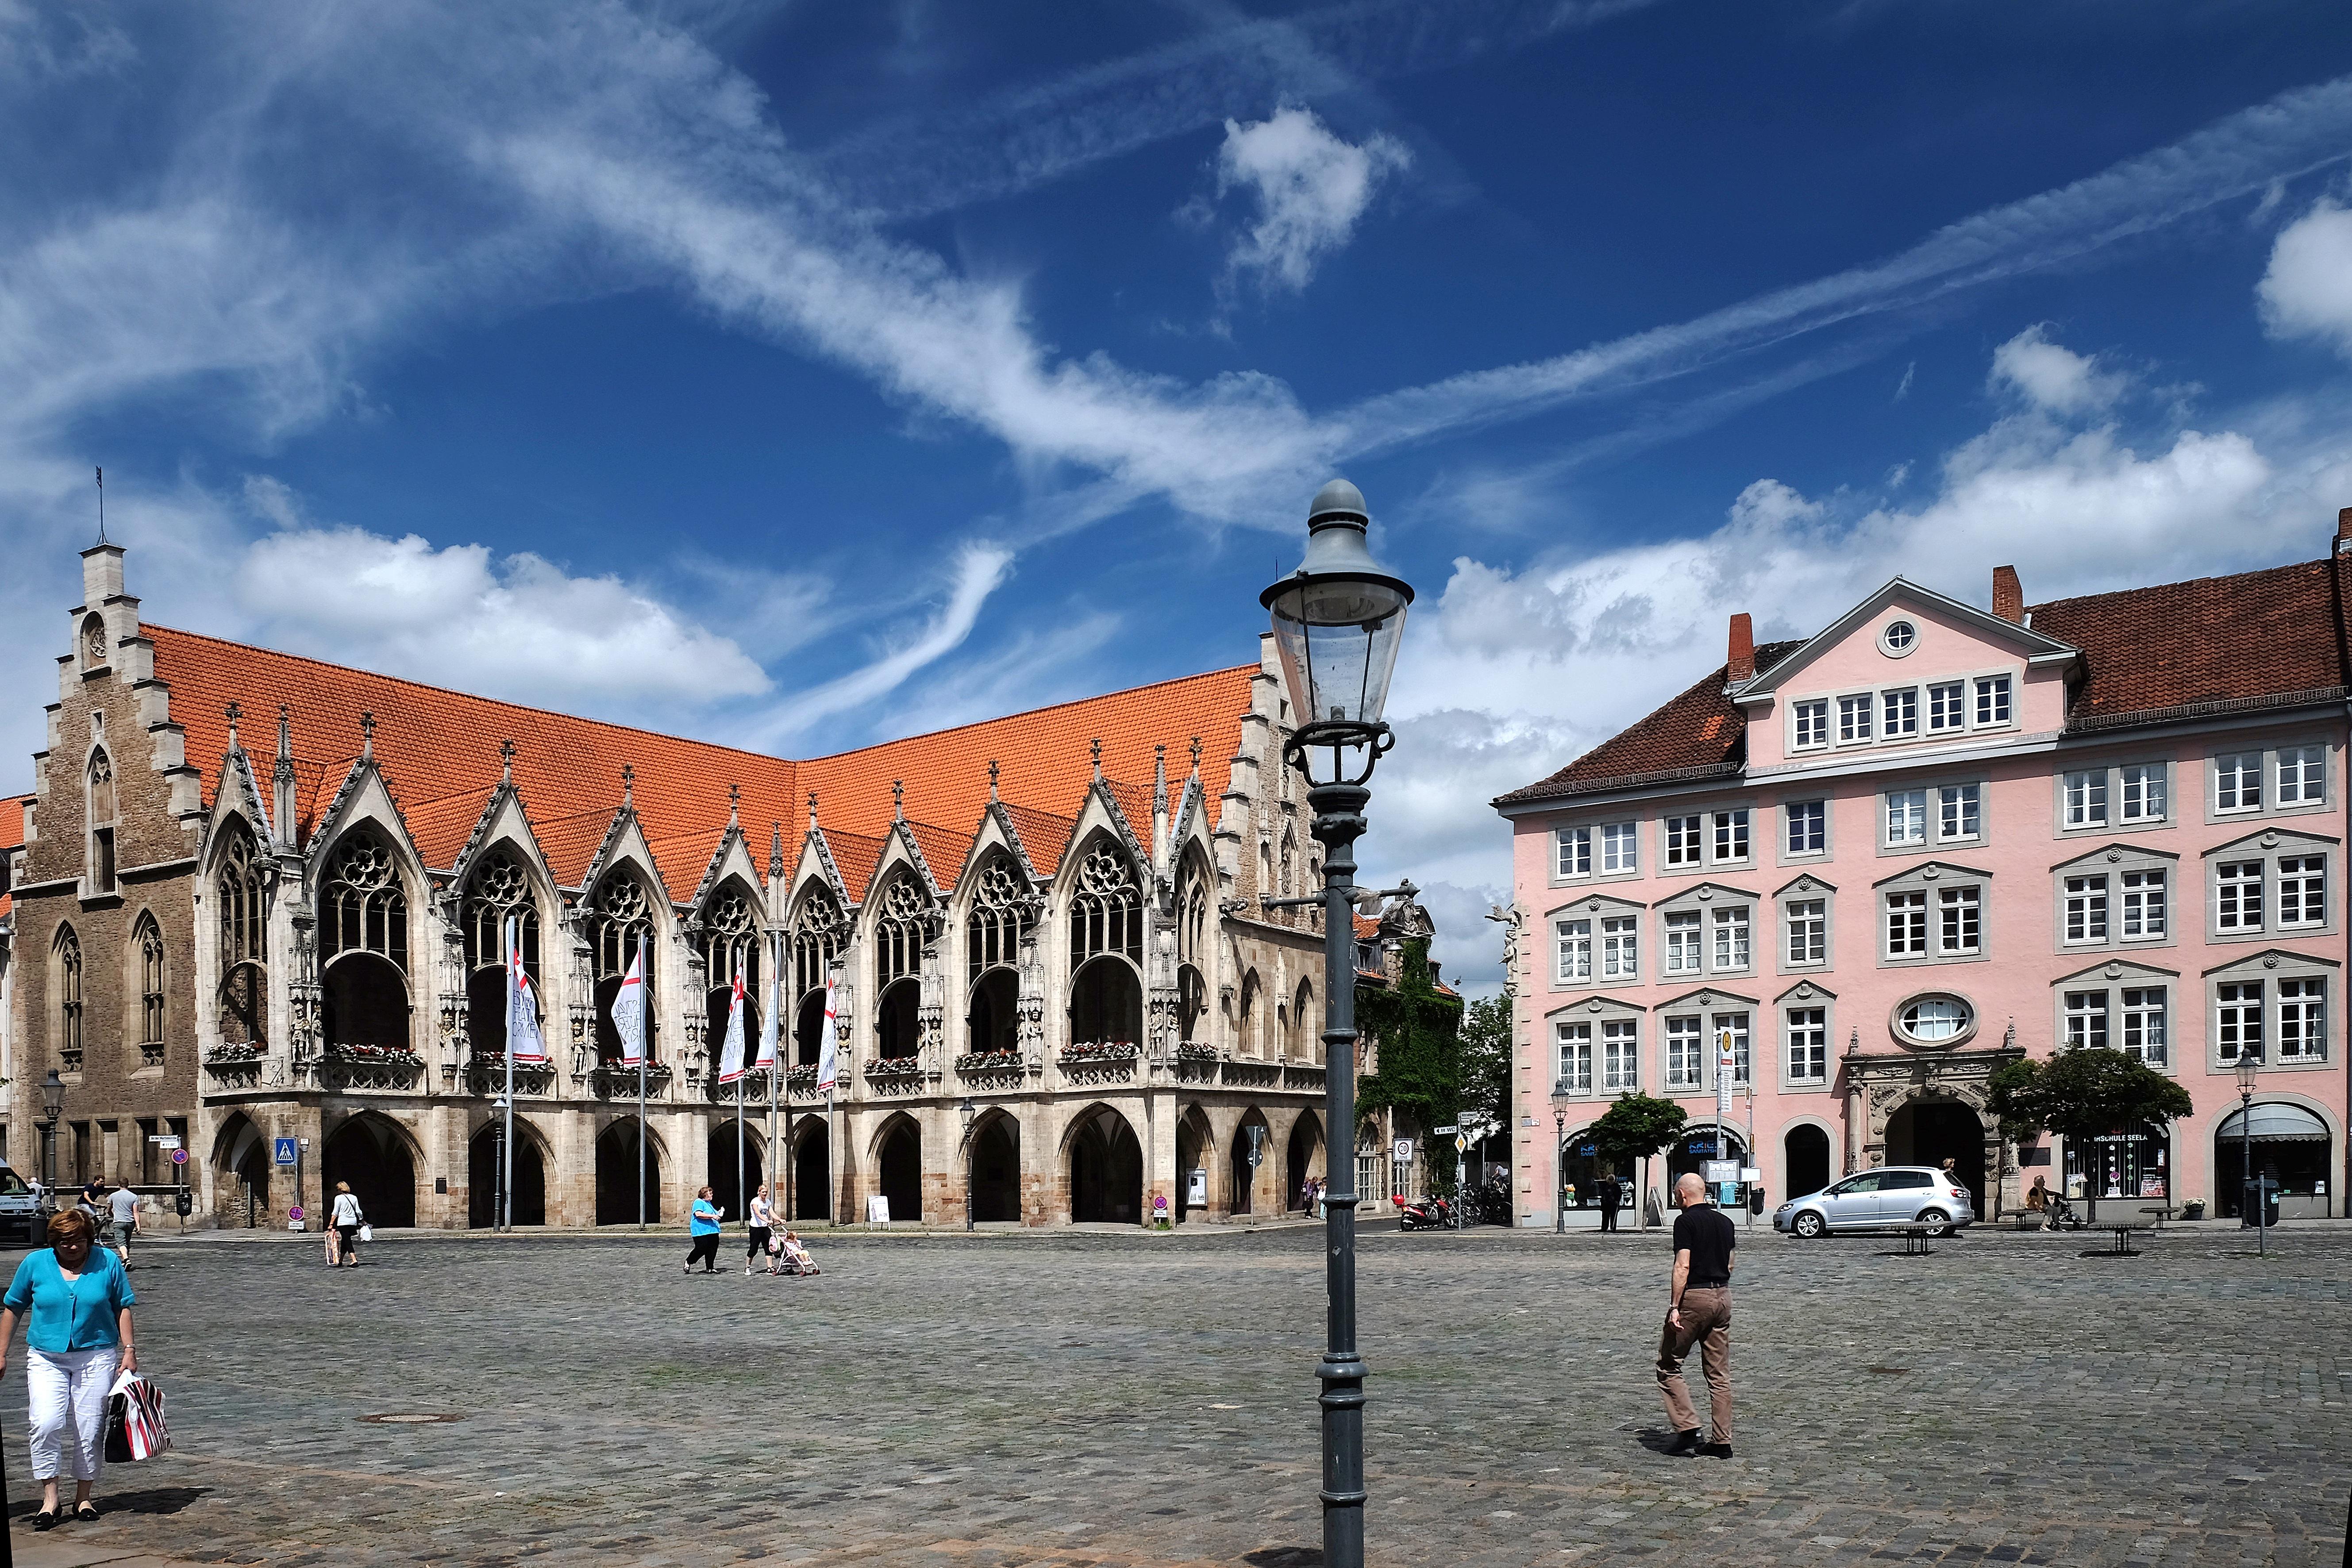 Gambar : istana, Pemandangan kota, pusat kota, tengara ...